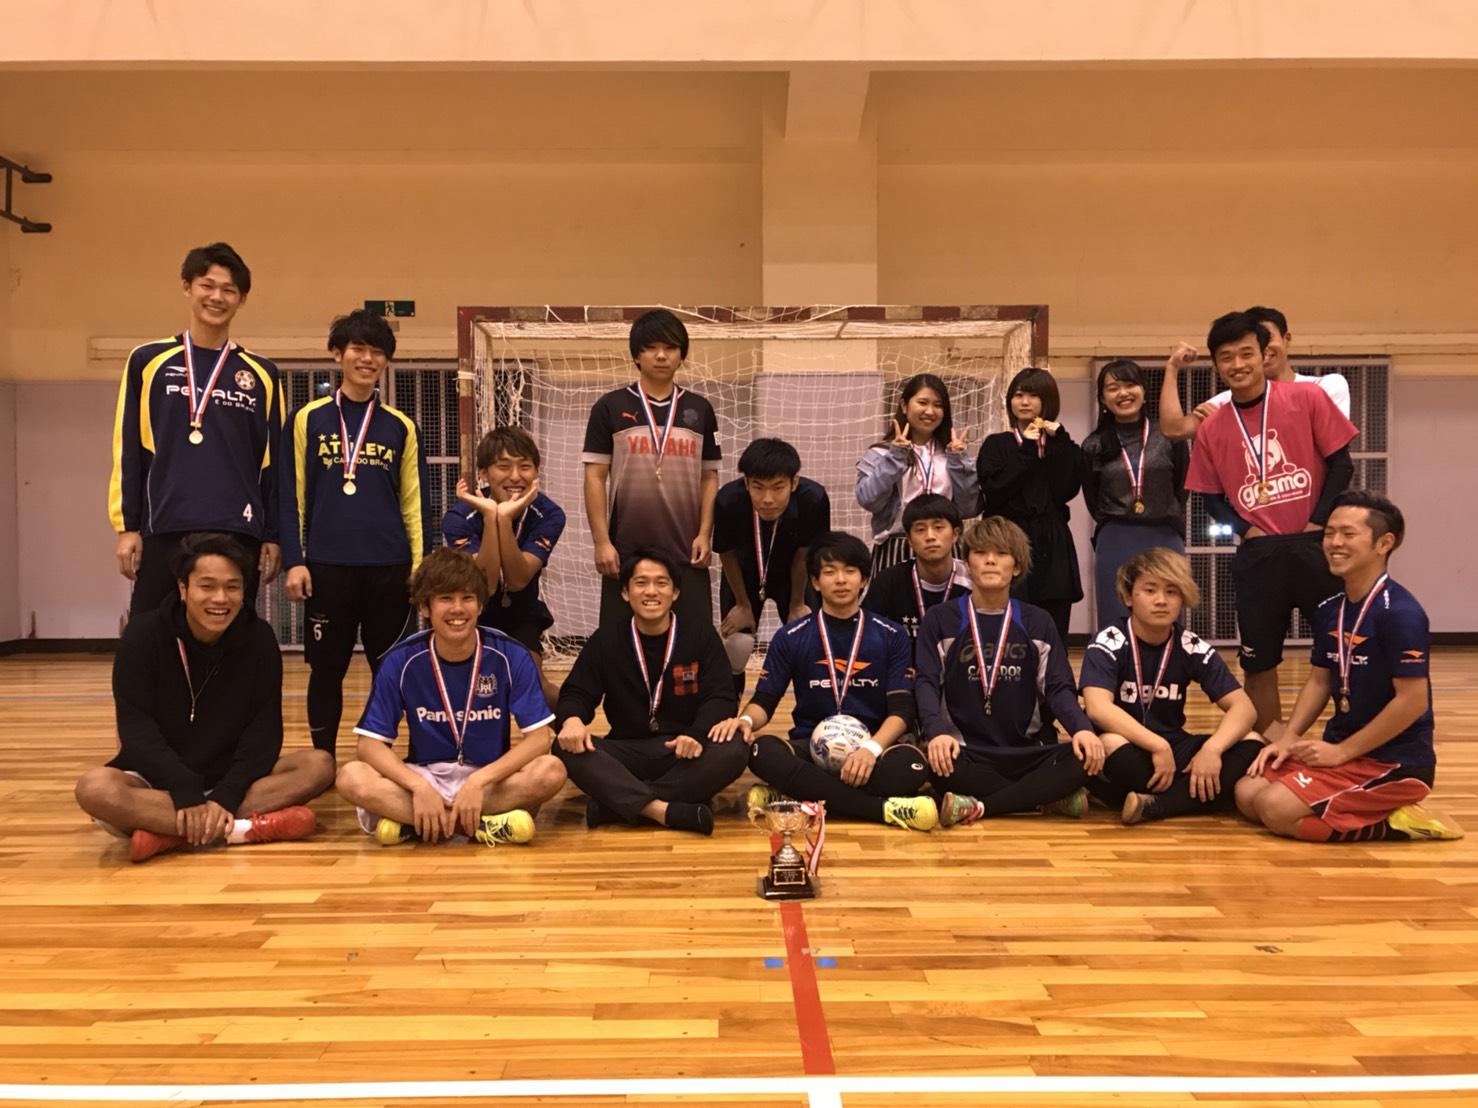 全国大学同好会サッカー選手権大会2018 東海予選